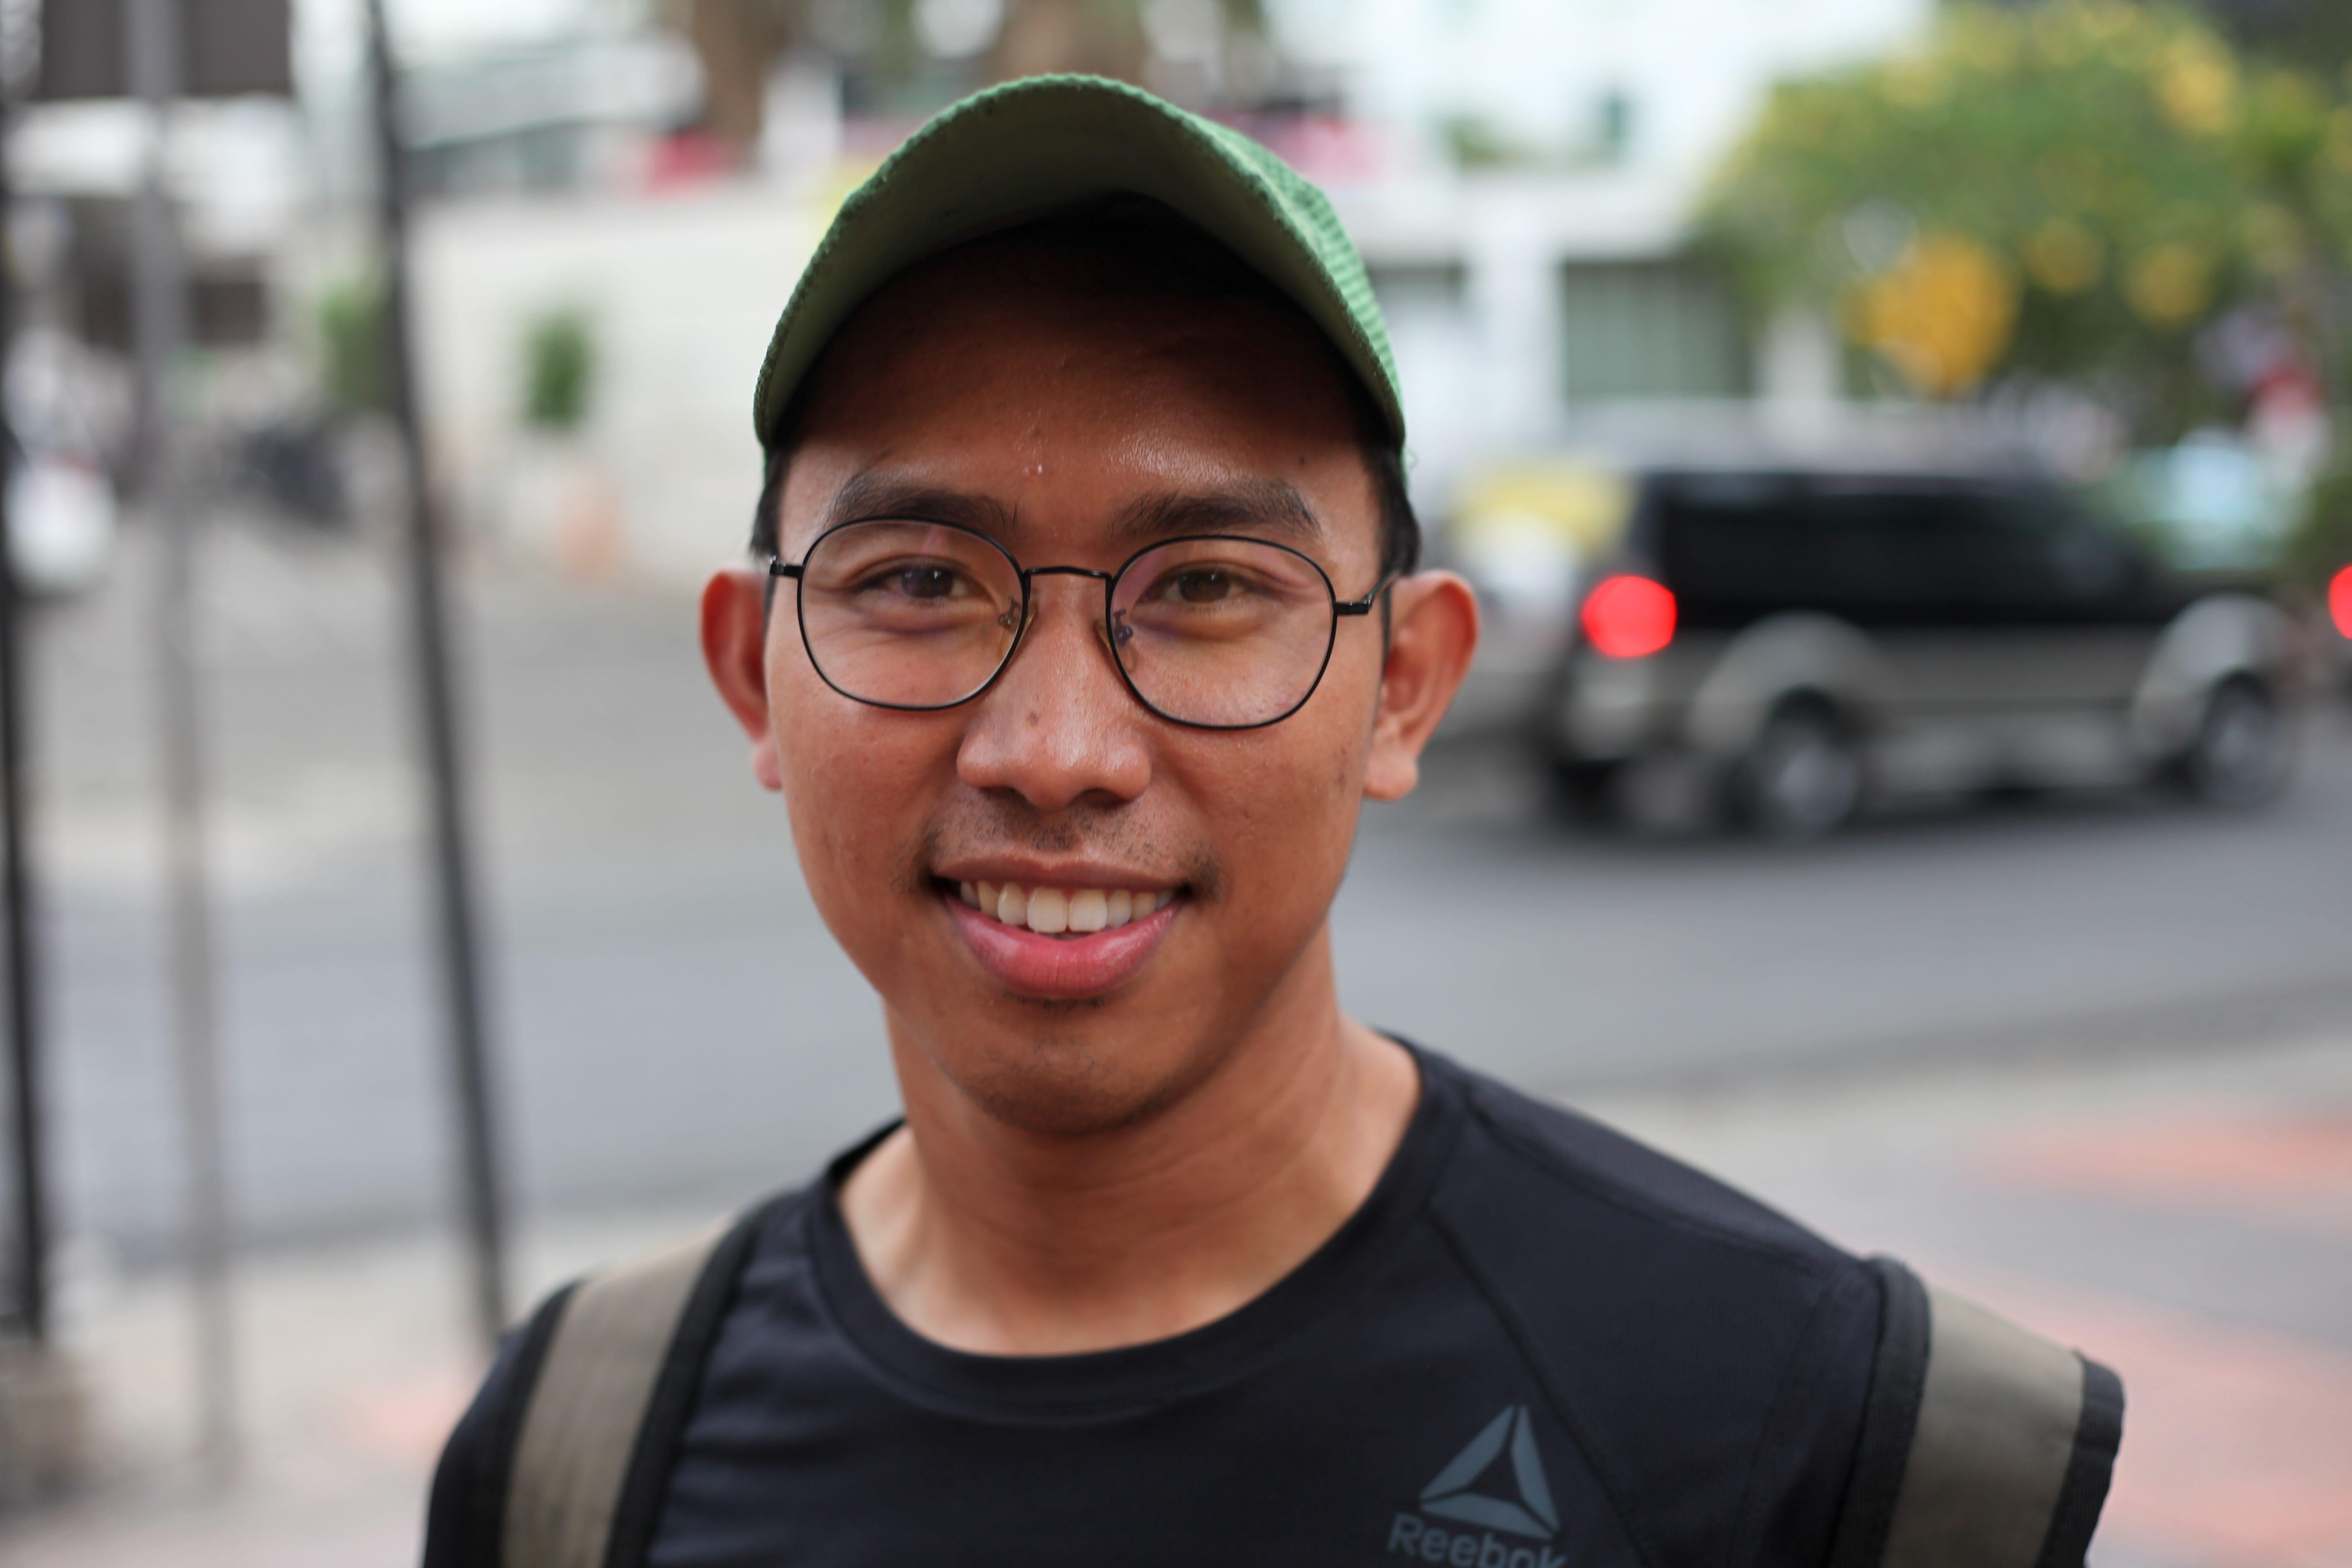 Men indonesia seeking men Asia Friendfinder